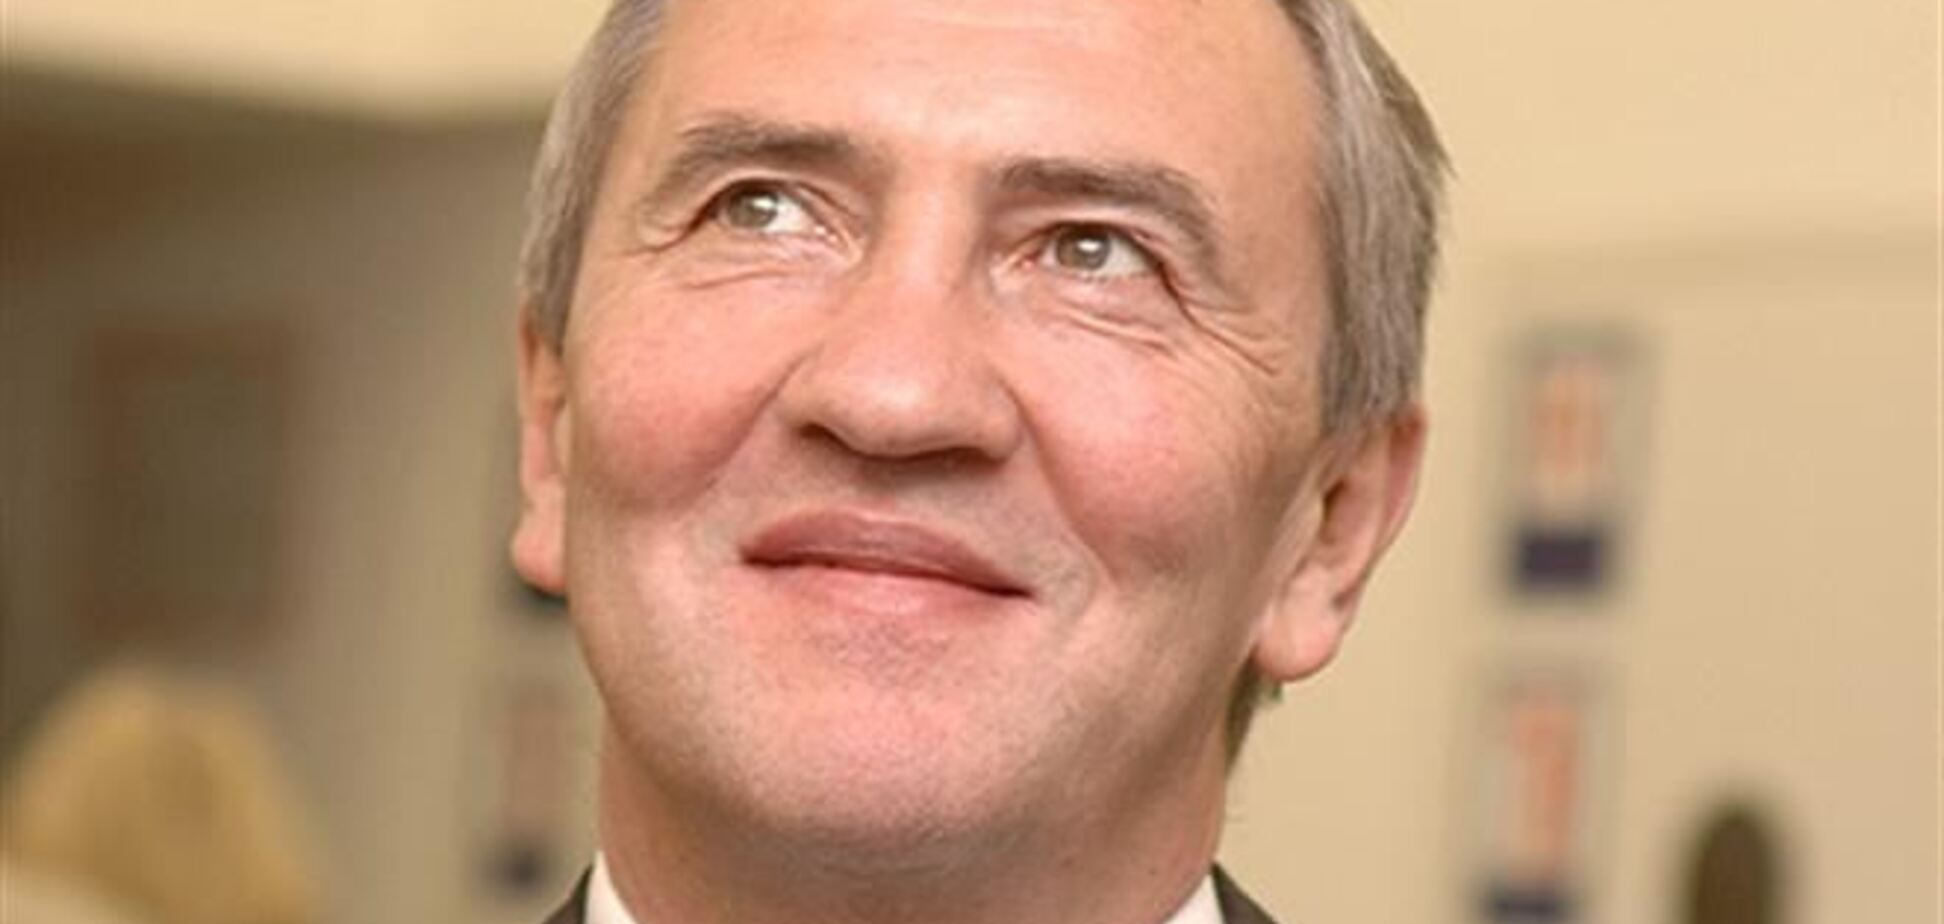 Черновецький показав своє голопопих дитинство